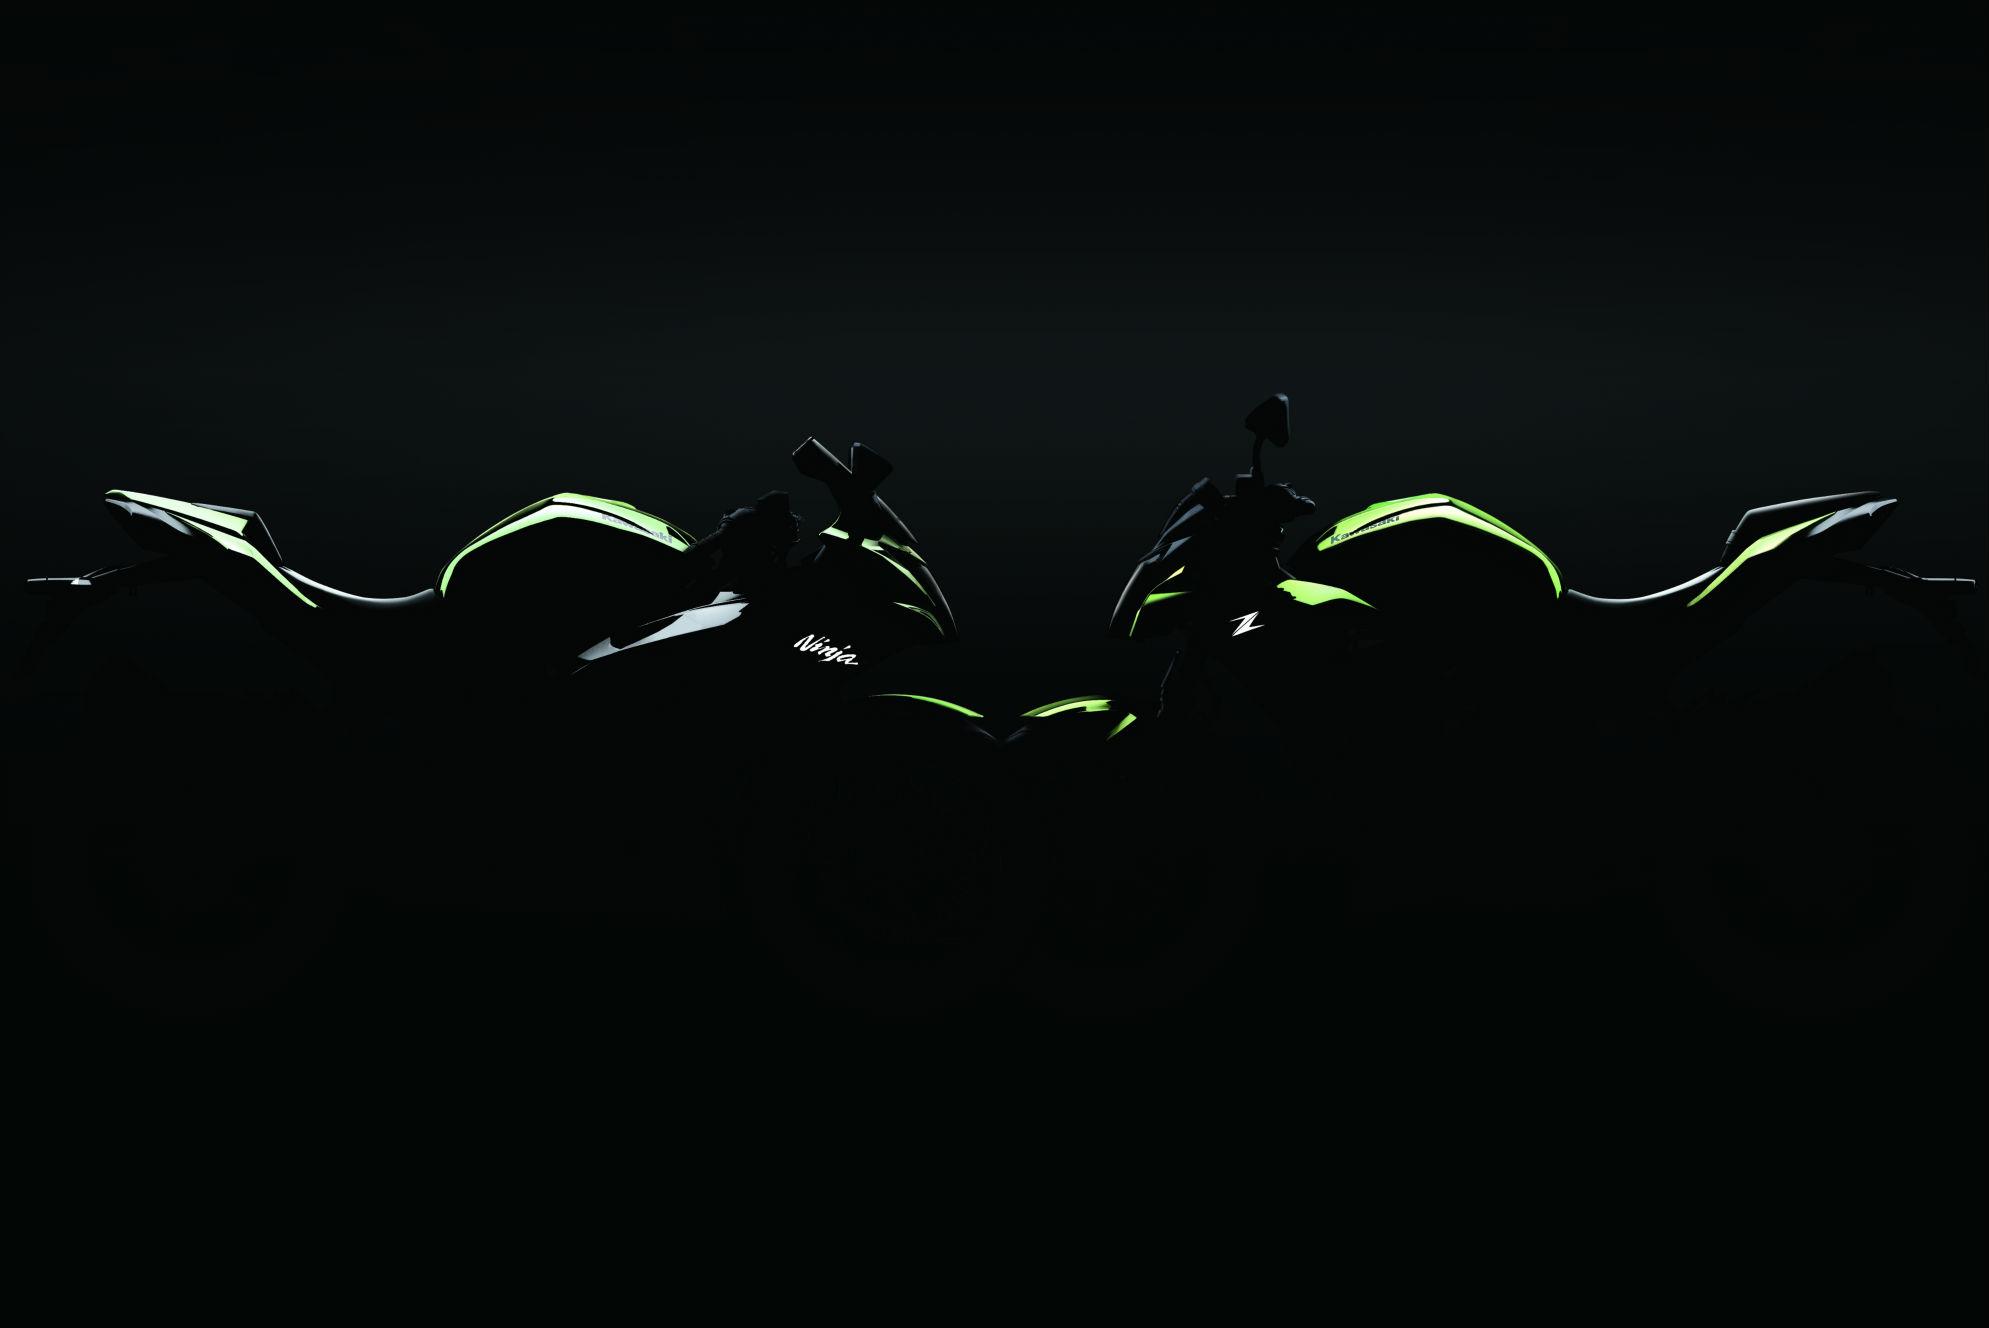 Kawasaki(カワサキ) Ninja125の公開を発表!